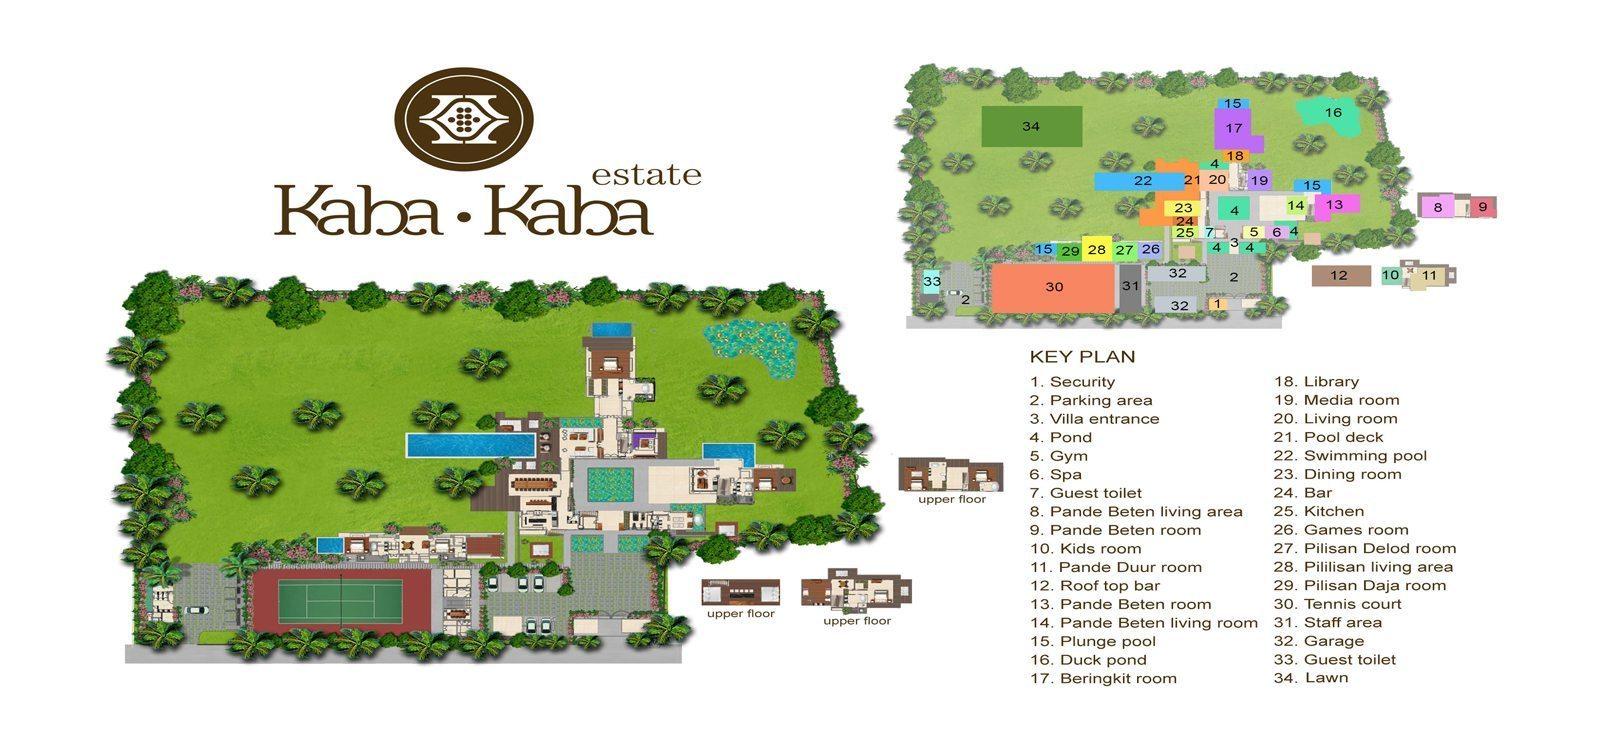 Kaba Kaba Estate Floorplan | Tabanan, Bali